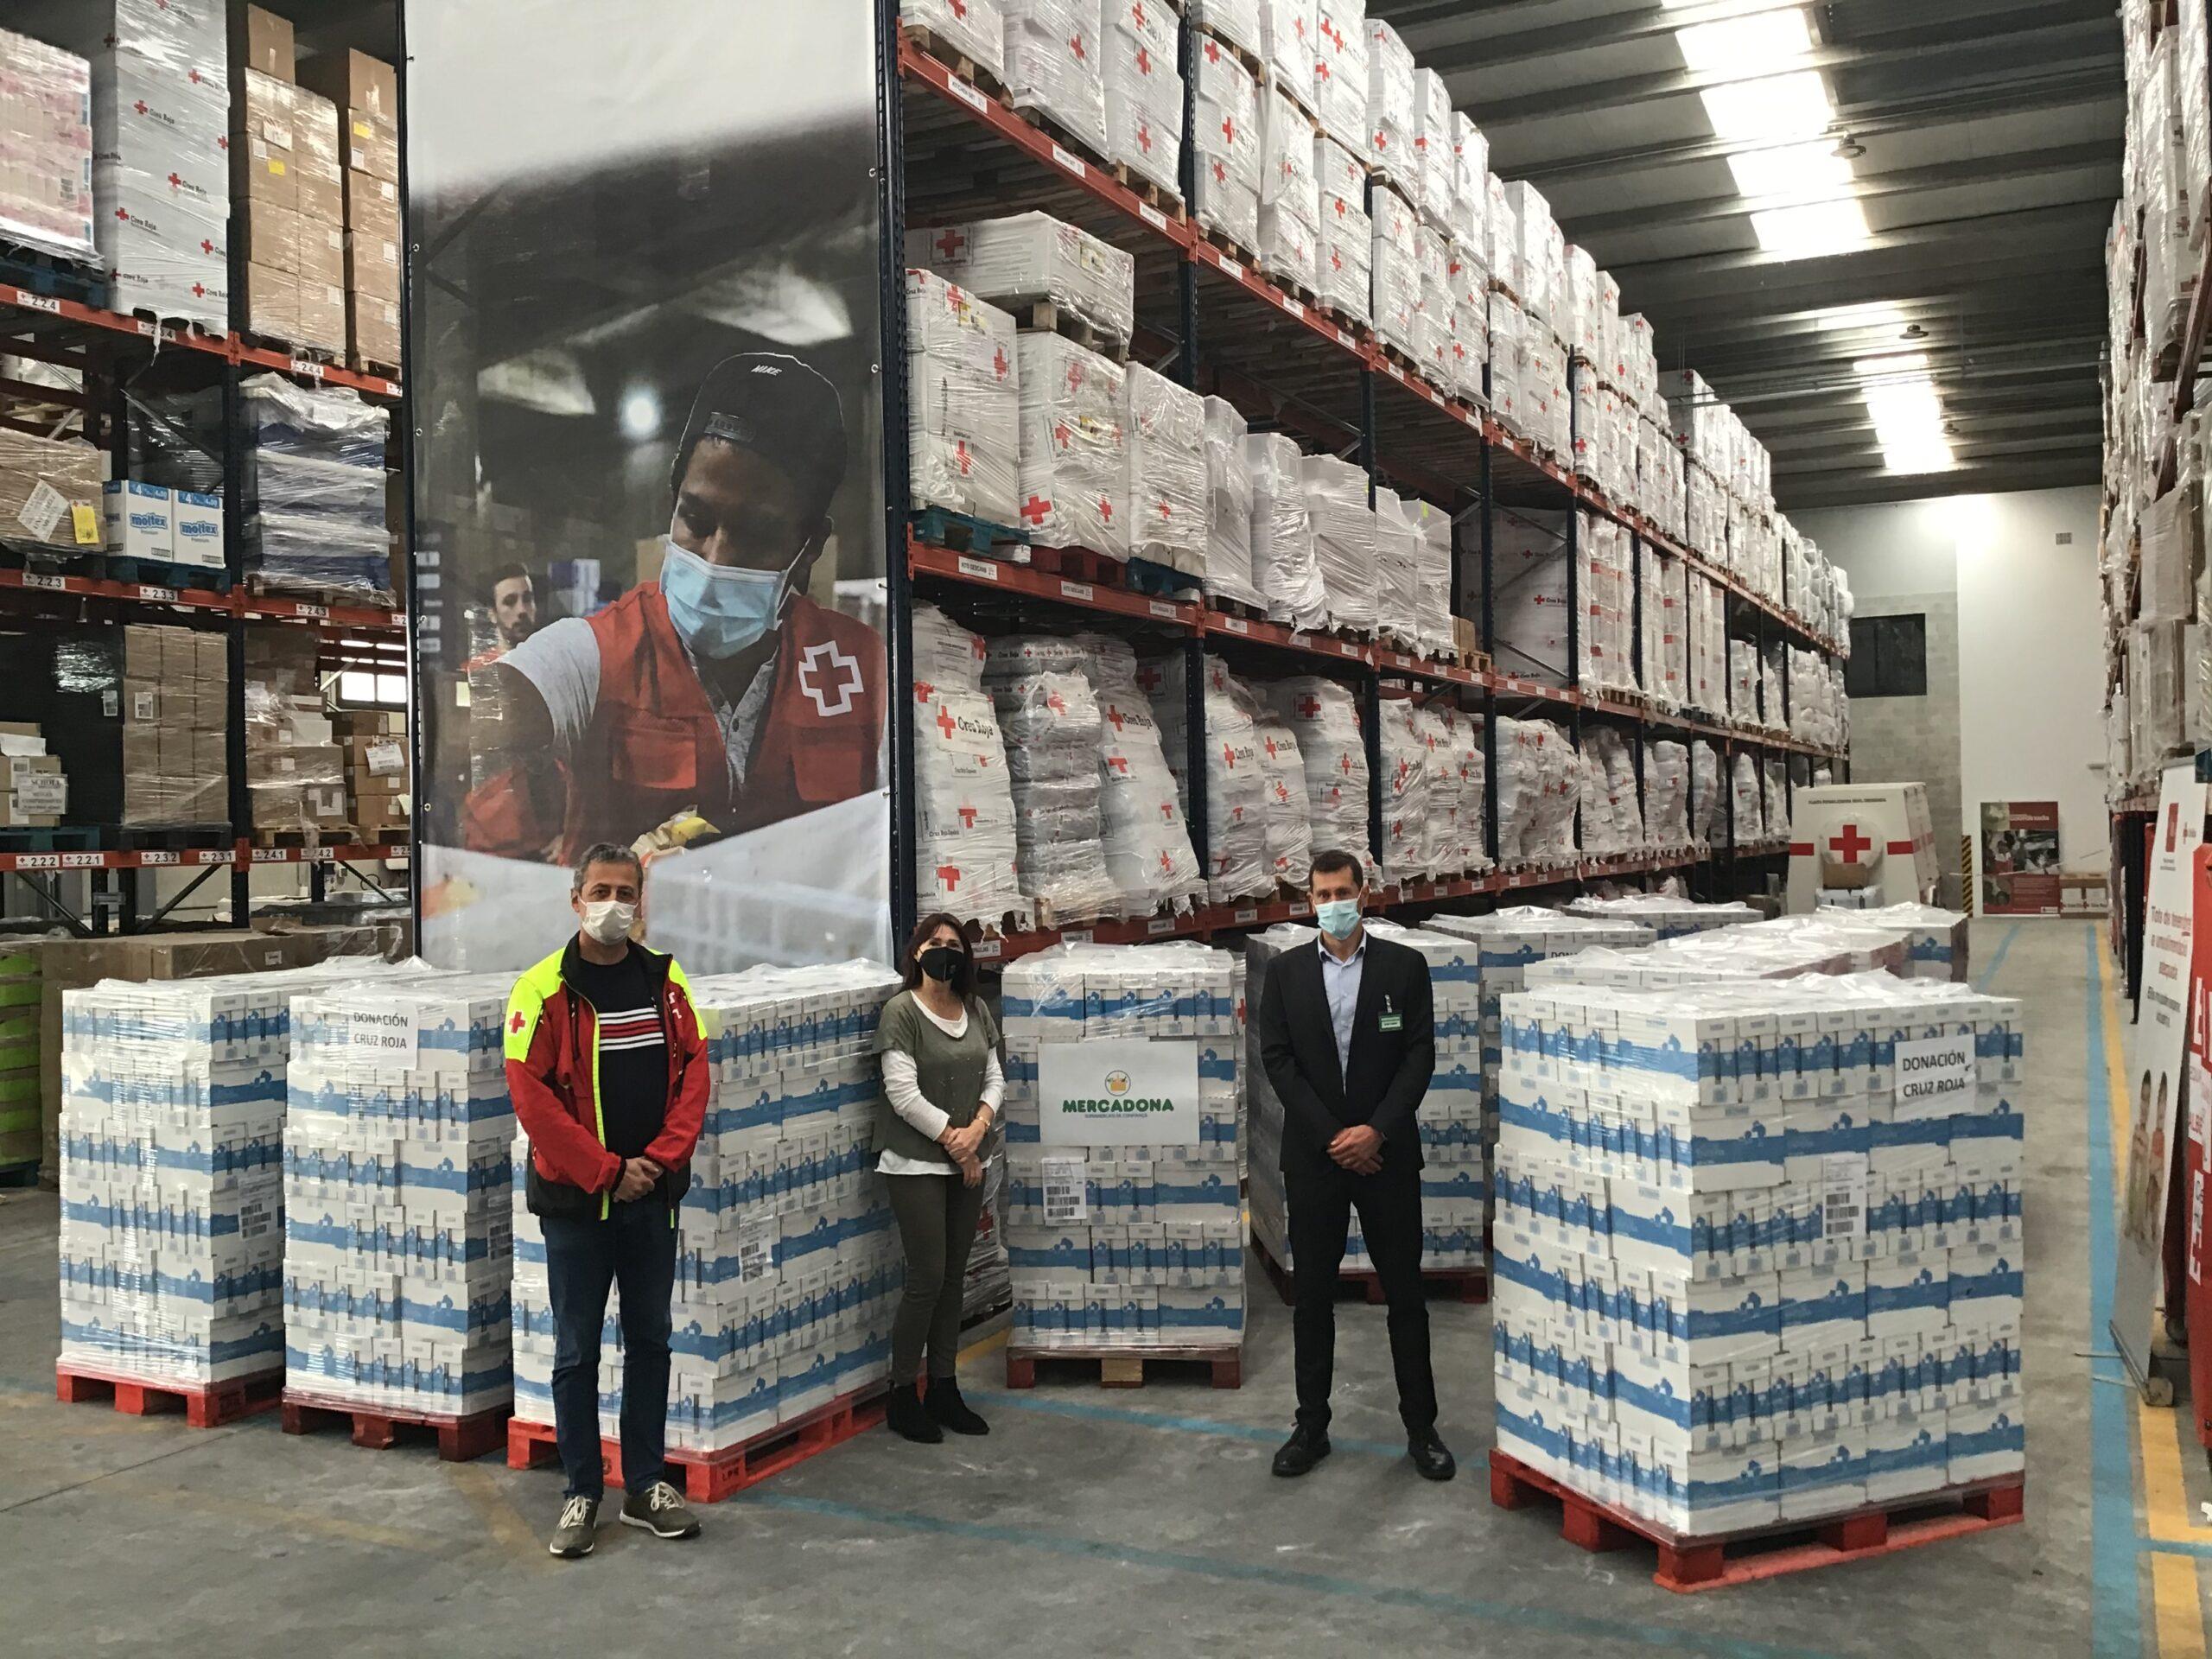 Representants de la Creu Roja i de Mercadona a Catalunya en un moment de la donació